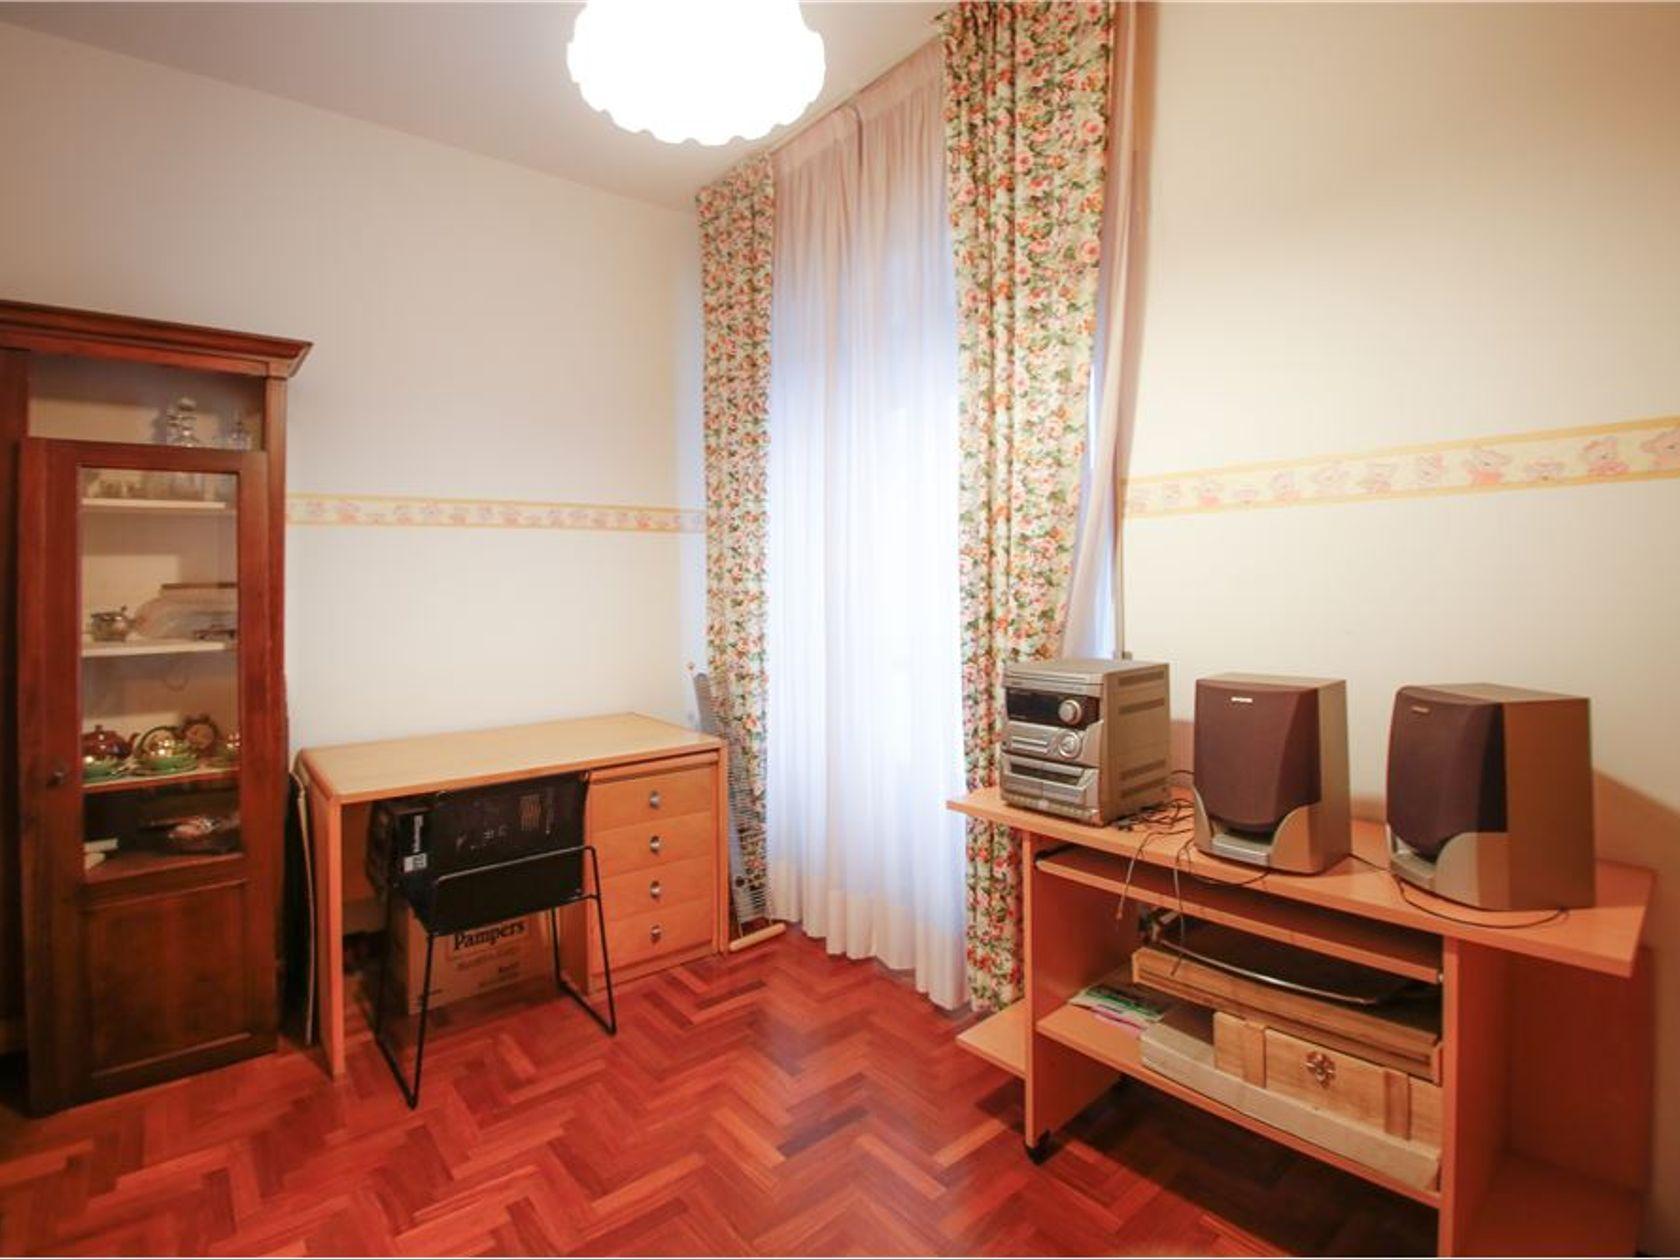 Appartamento Borgo Marfisi, Chieti, CH Vendita - Foto 10